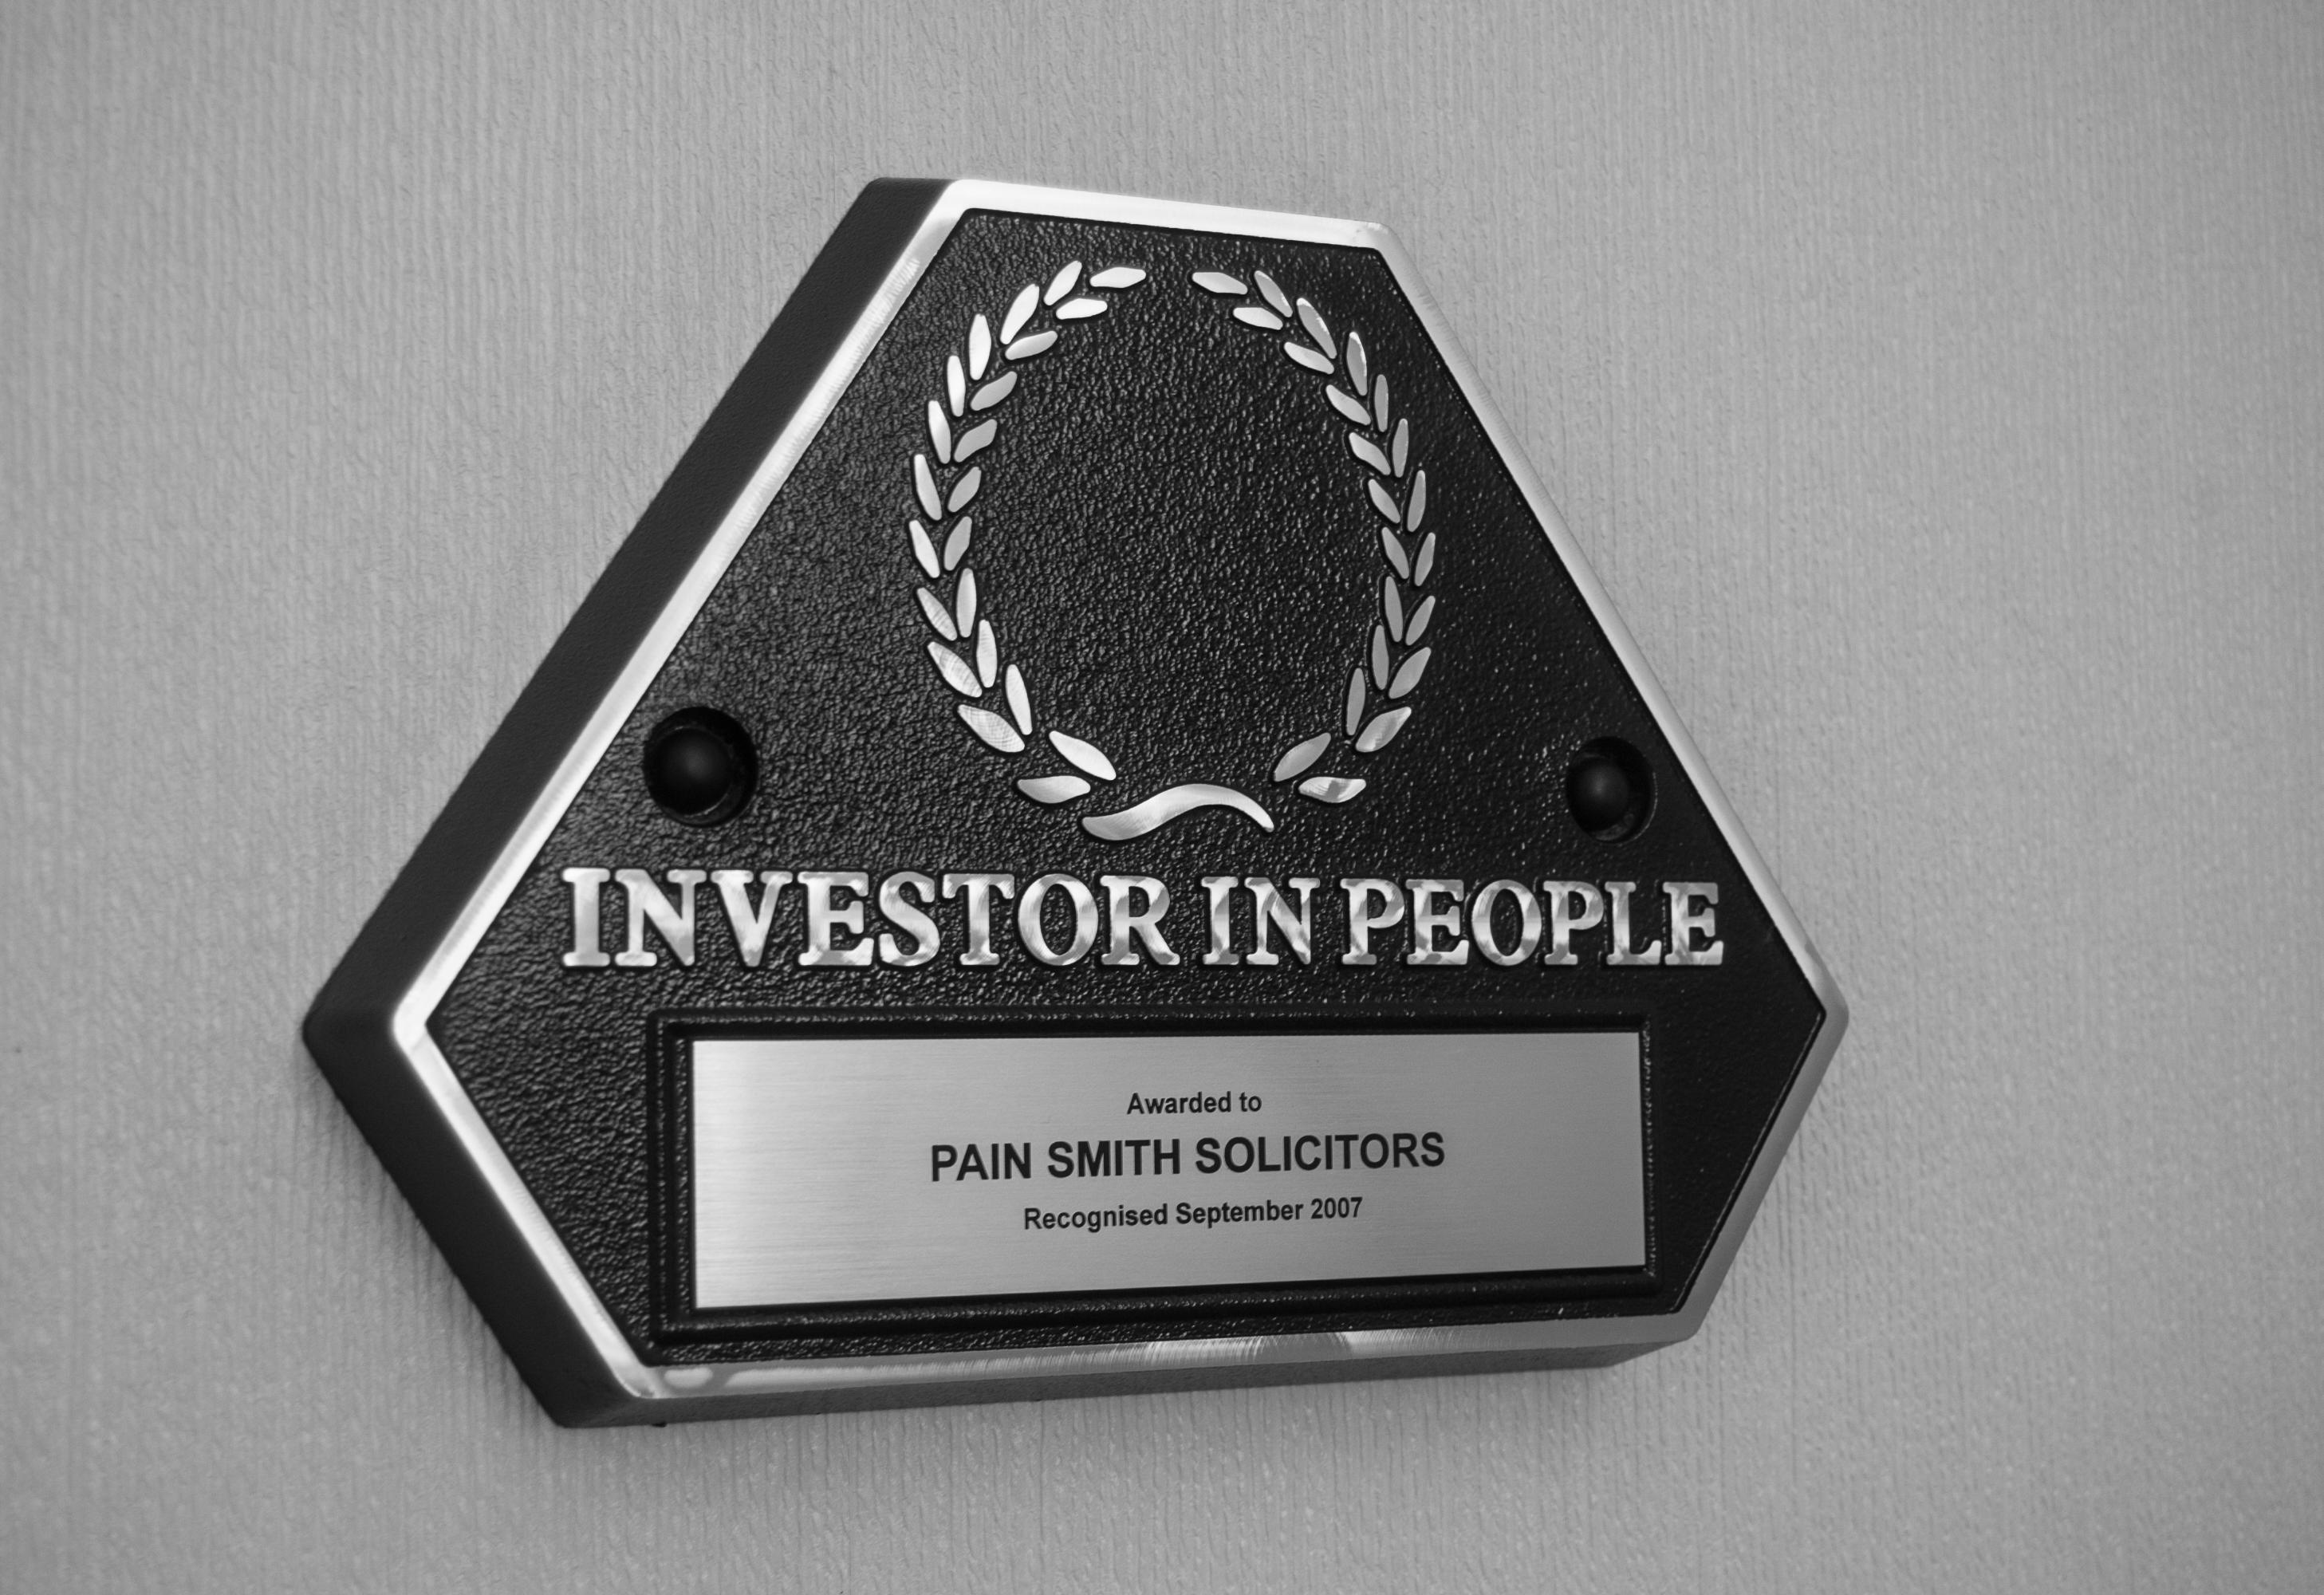 IIP plaque